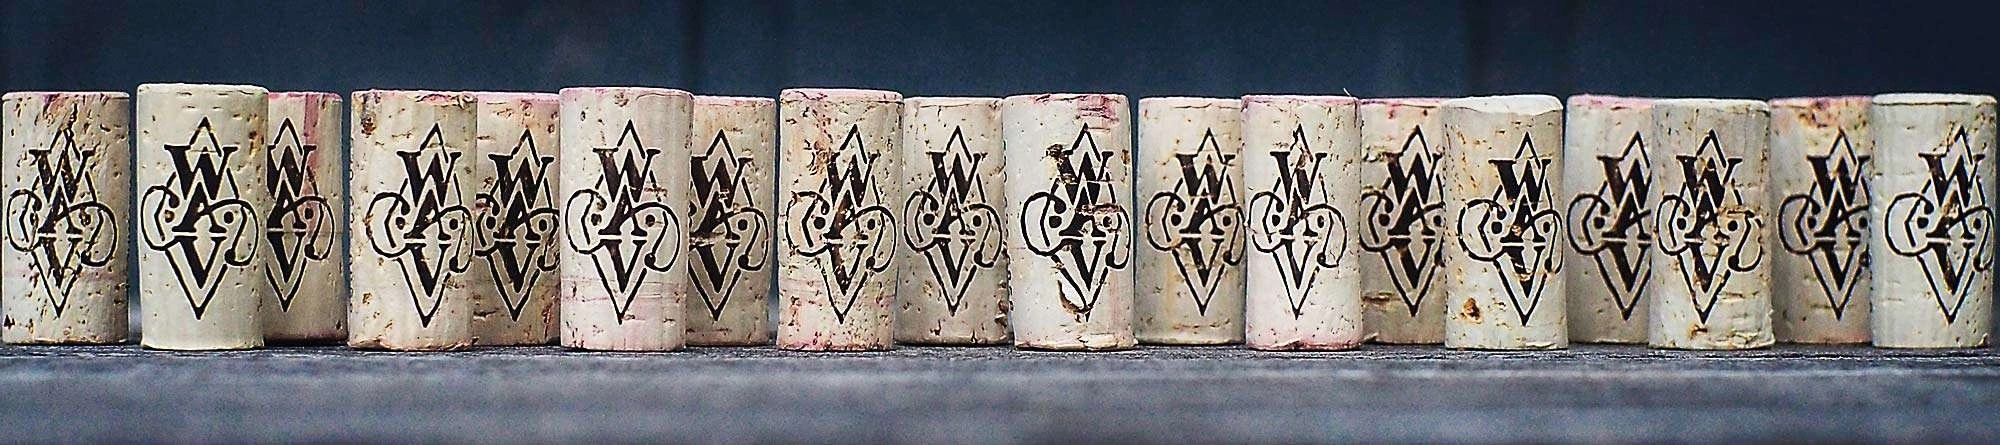 line of corks